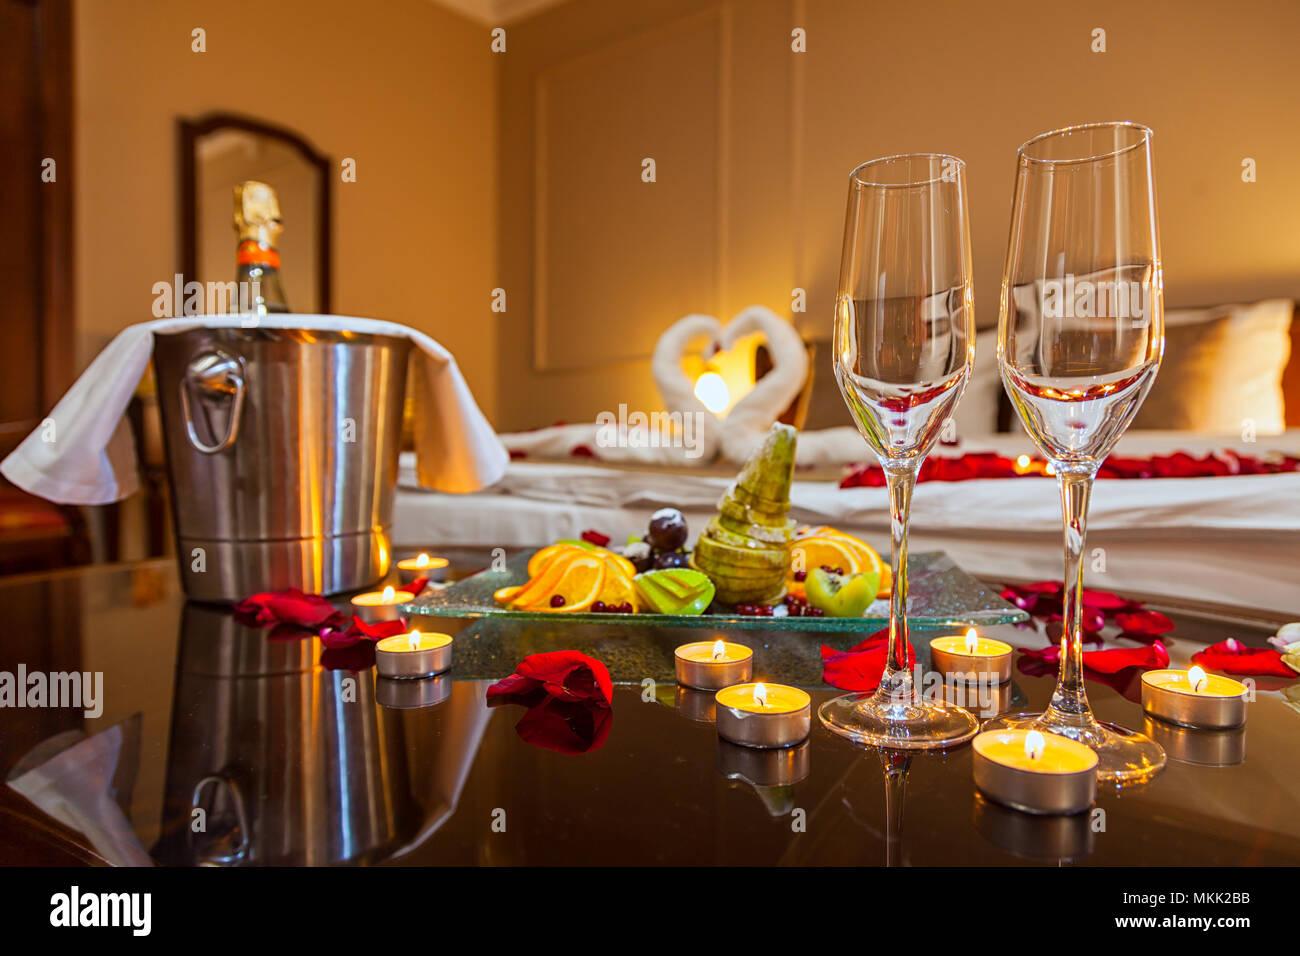 Camere Da Letto Romantiche Con Petali Di Rosa : Camera in hotel per una luna di miele una tabella con un piatto